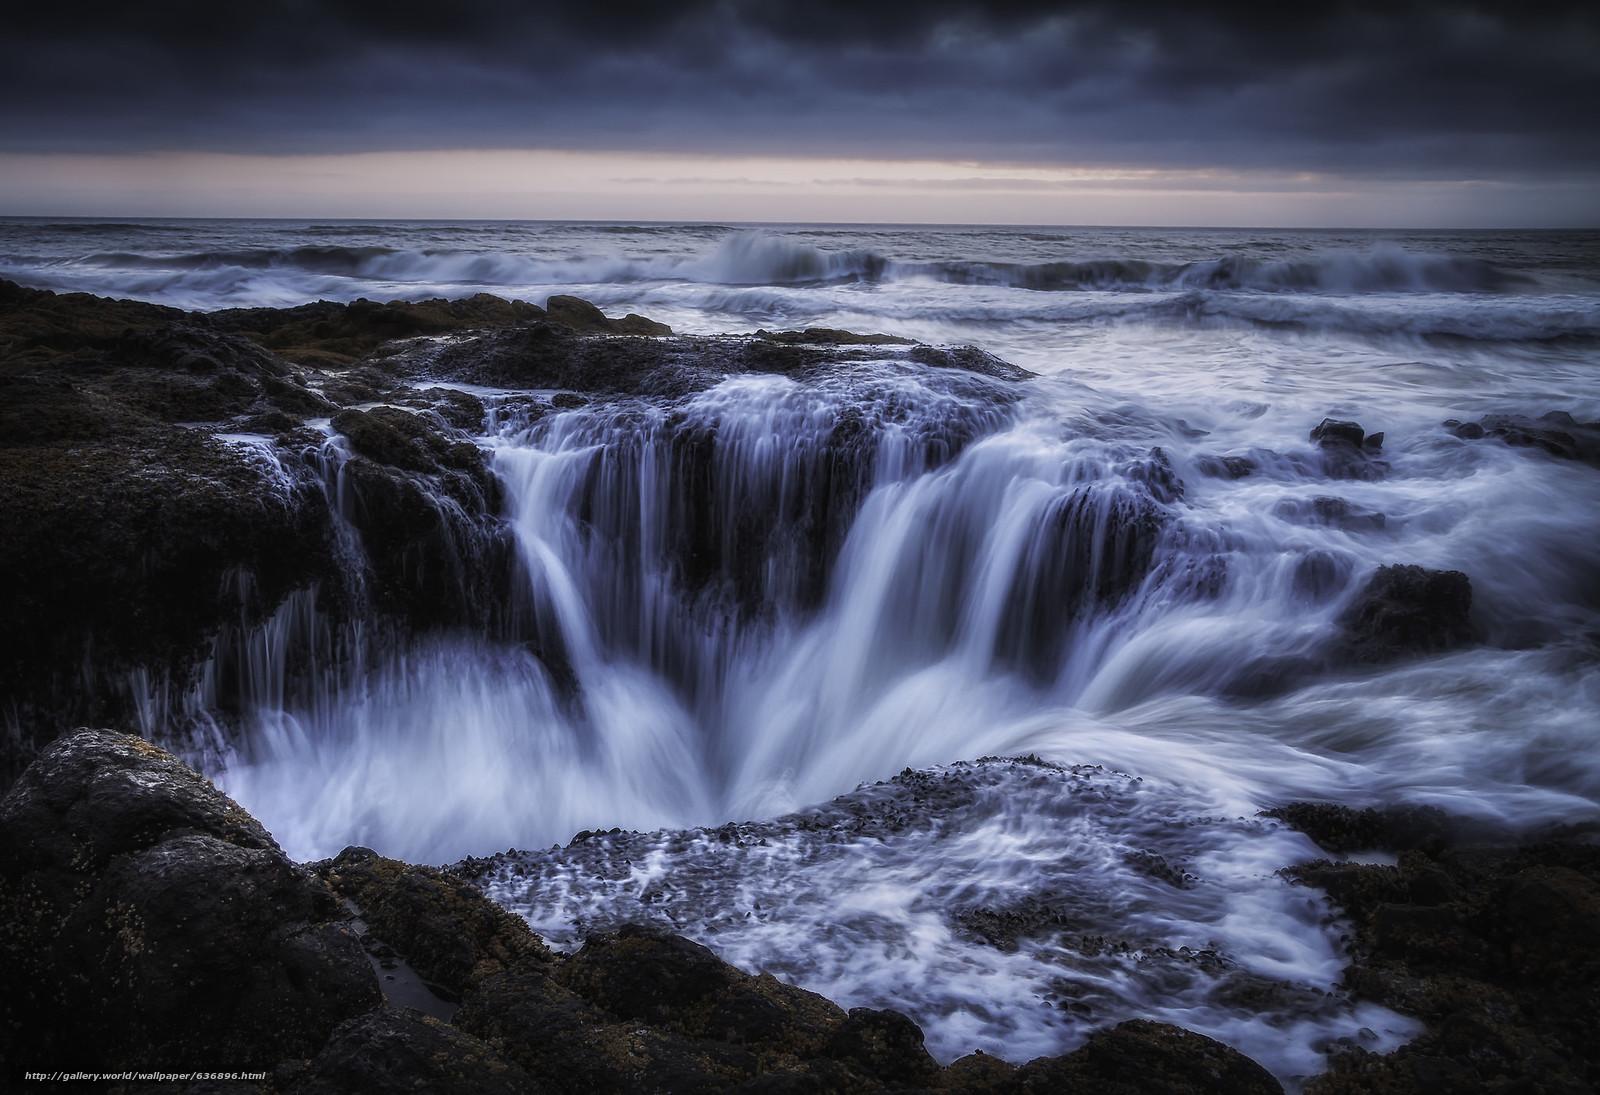 Скачать обои Thor's Well,  Sunset,  Cape Perpetua,  Oregon бесплатно для рабочего стола в разрешении 2048x1402 — картинка №636896